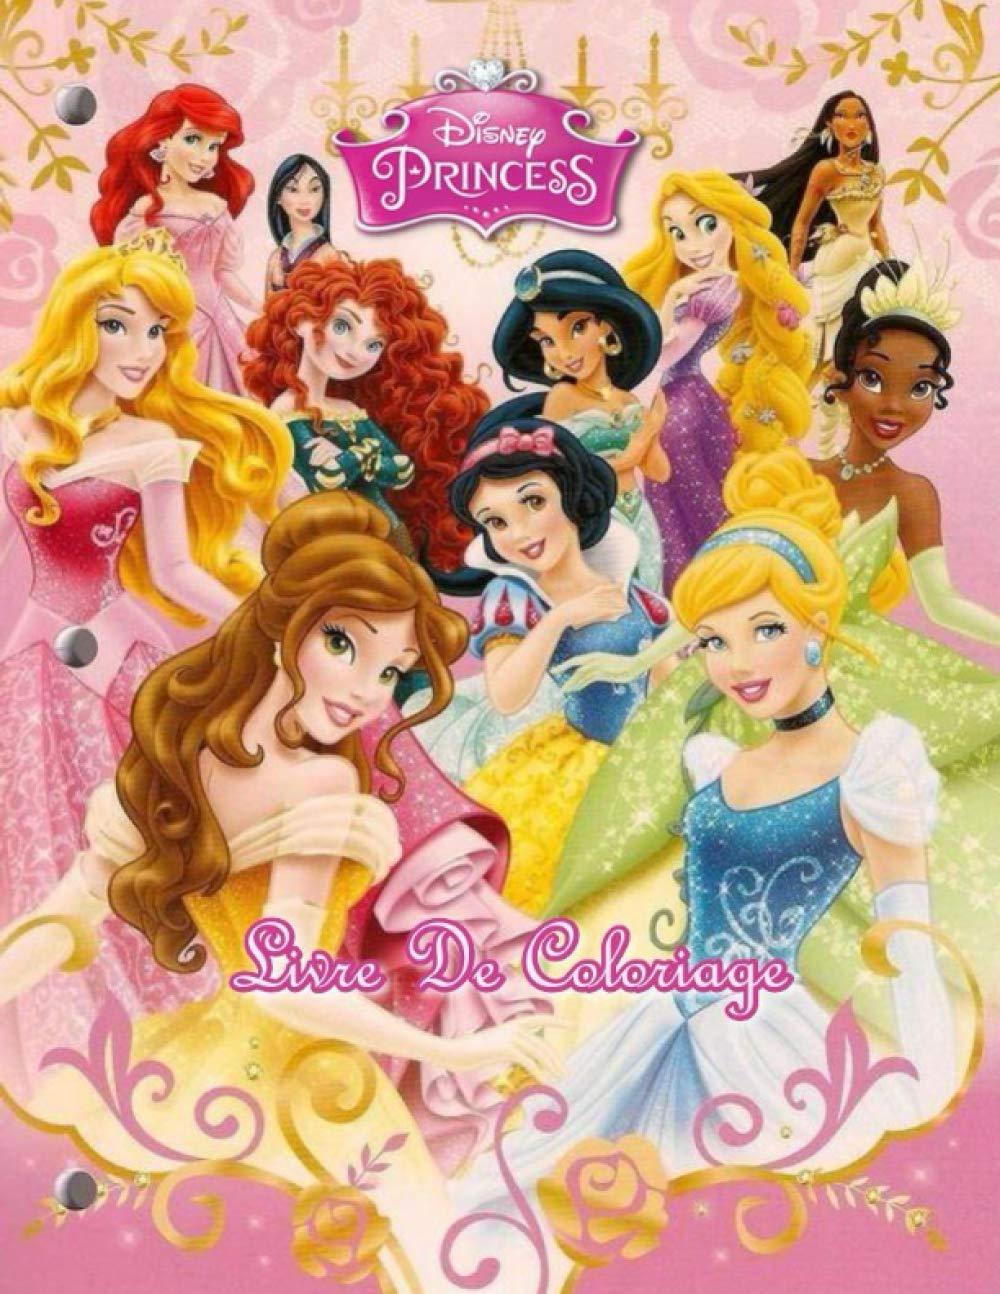 Disney Princesses Livre De Coloriage Livre De Coloriage Disney Princesses Contient 100 Superbes Images Amusantes De Haute Qualite Pour Les Enfants French Edition Peincesesse Des Pays Des Merveilles 9798556351943 Amazon Com Books